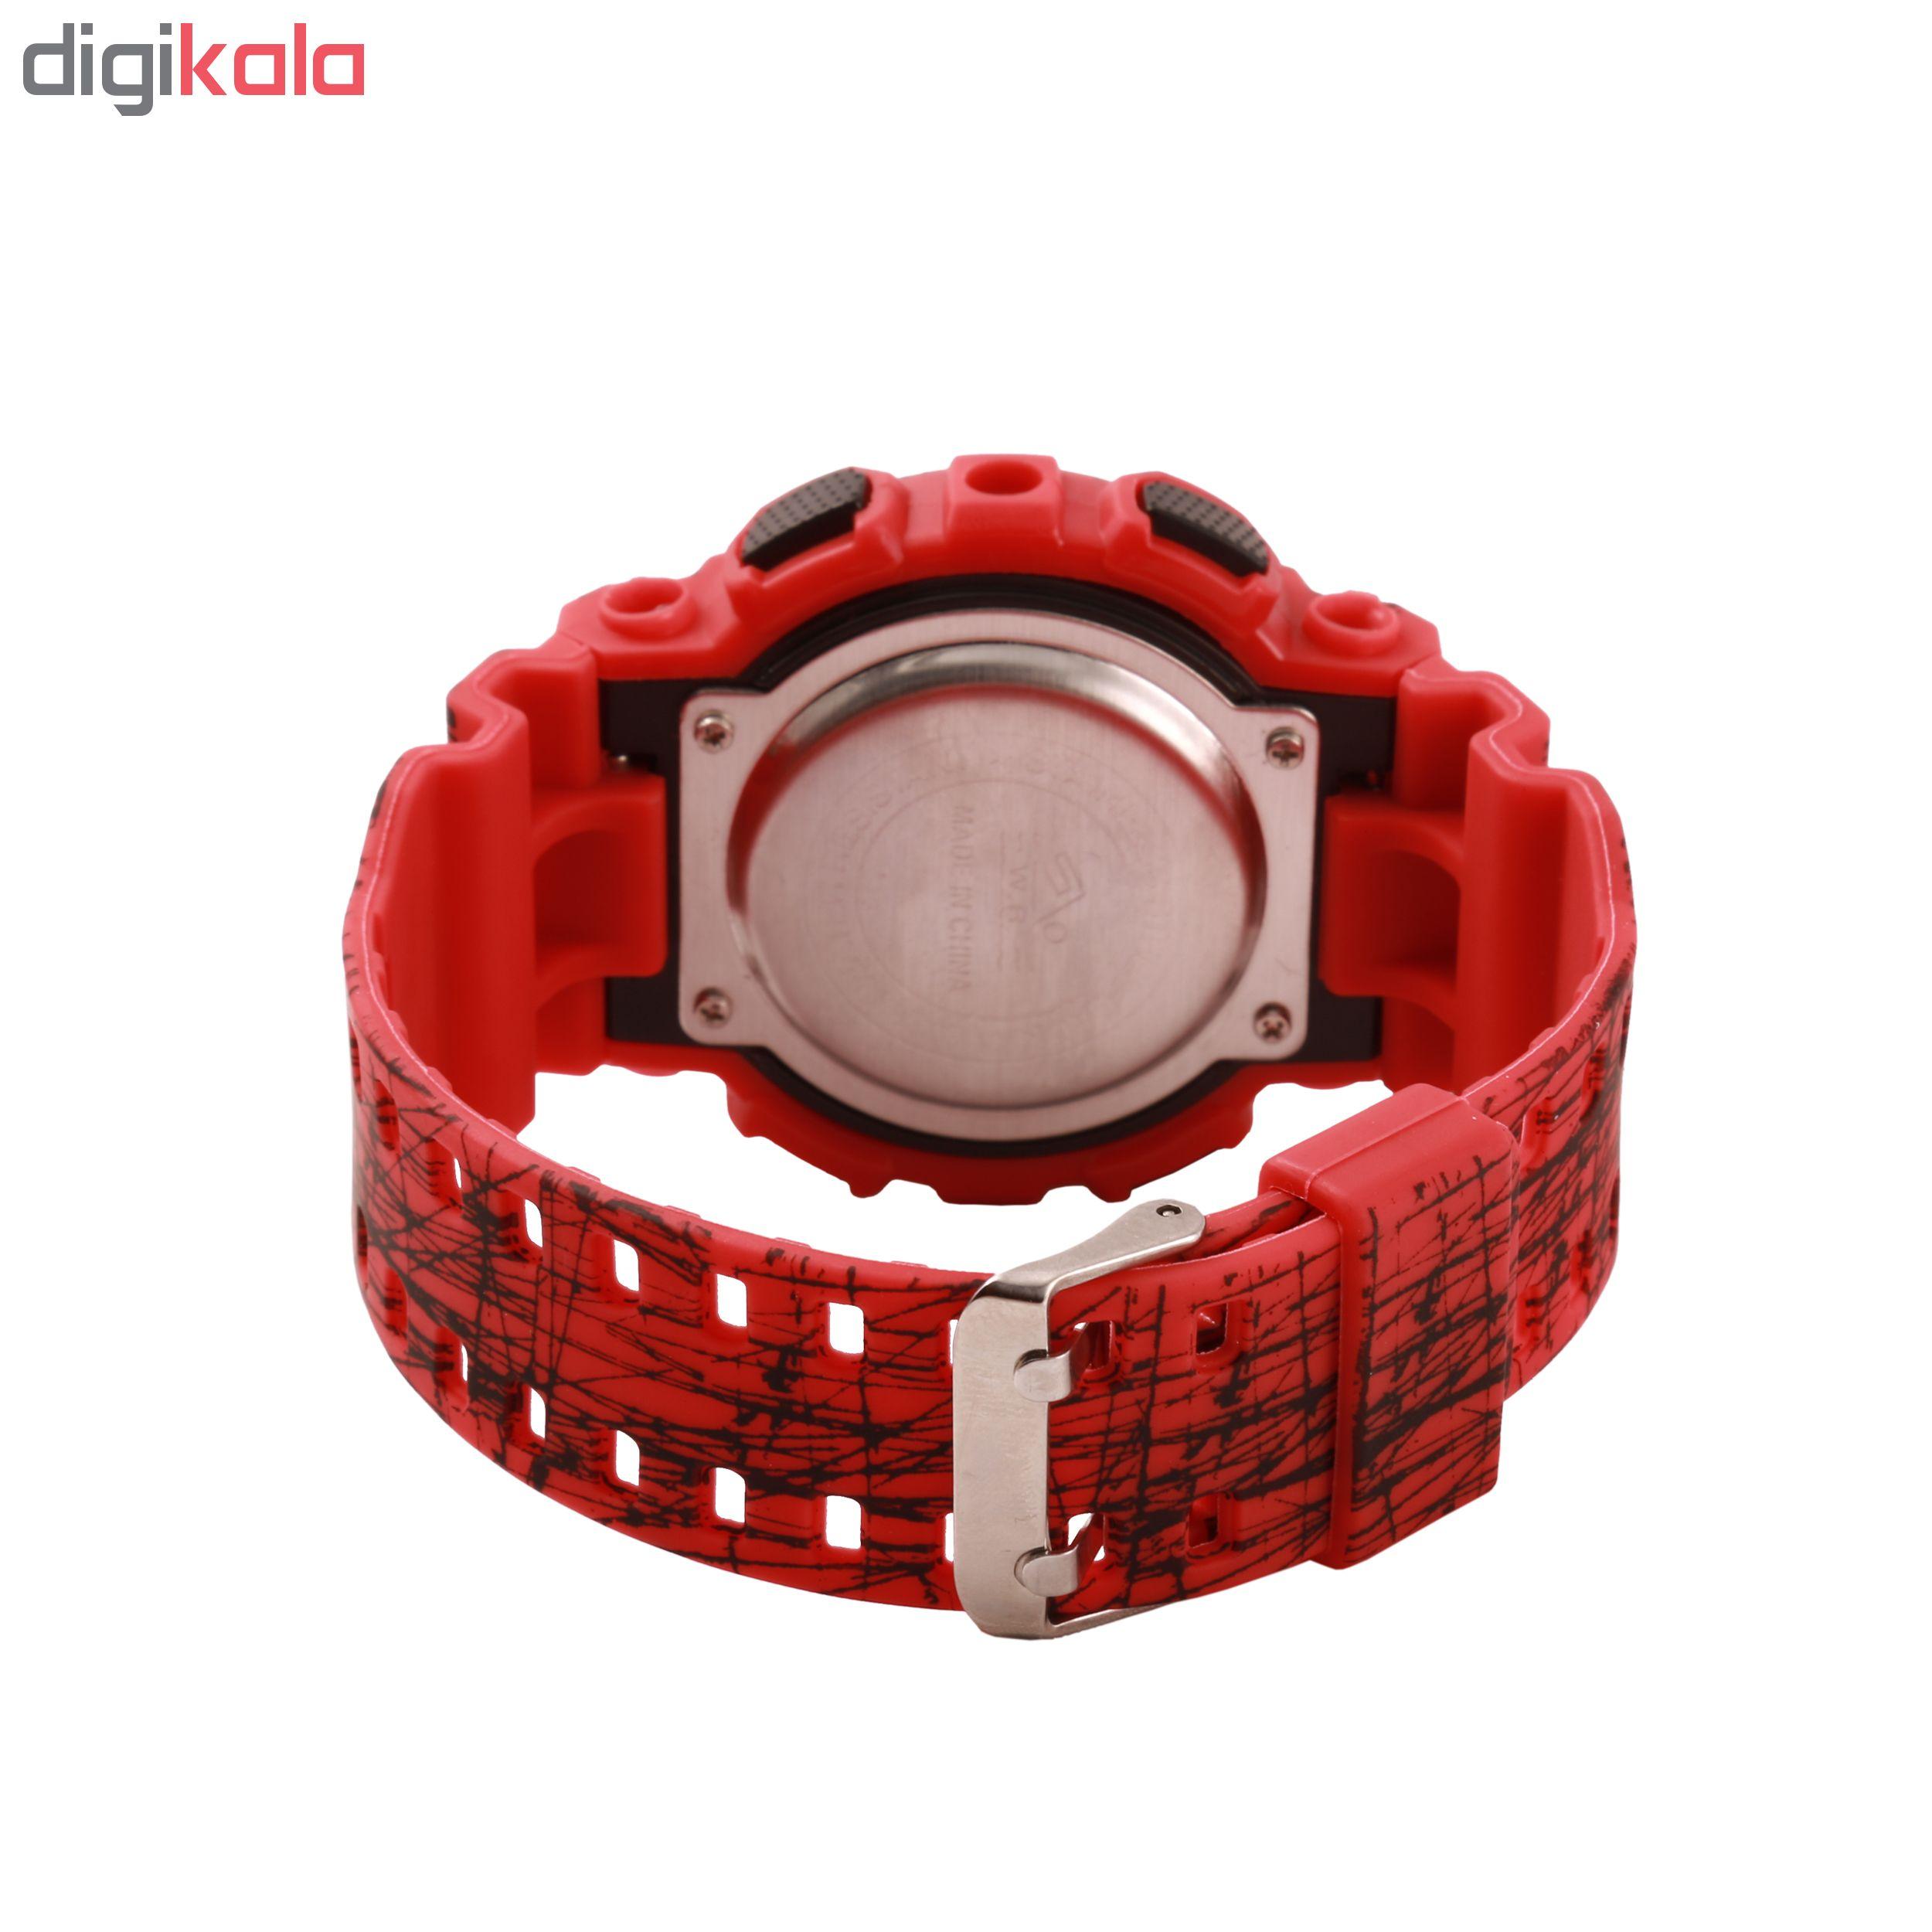 ساعت مچی دیجیتال مردانه چملیون واچ مدل cl11             قیمت